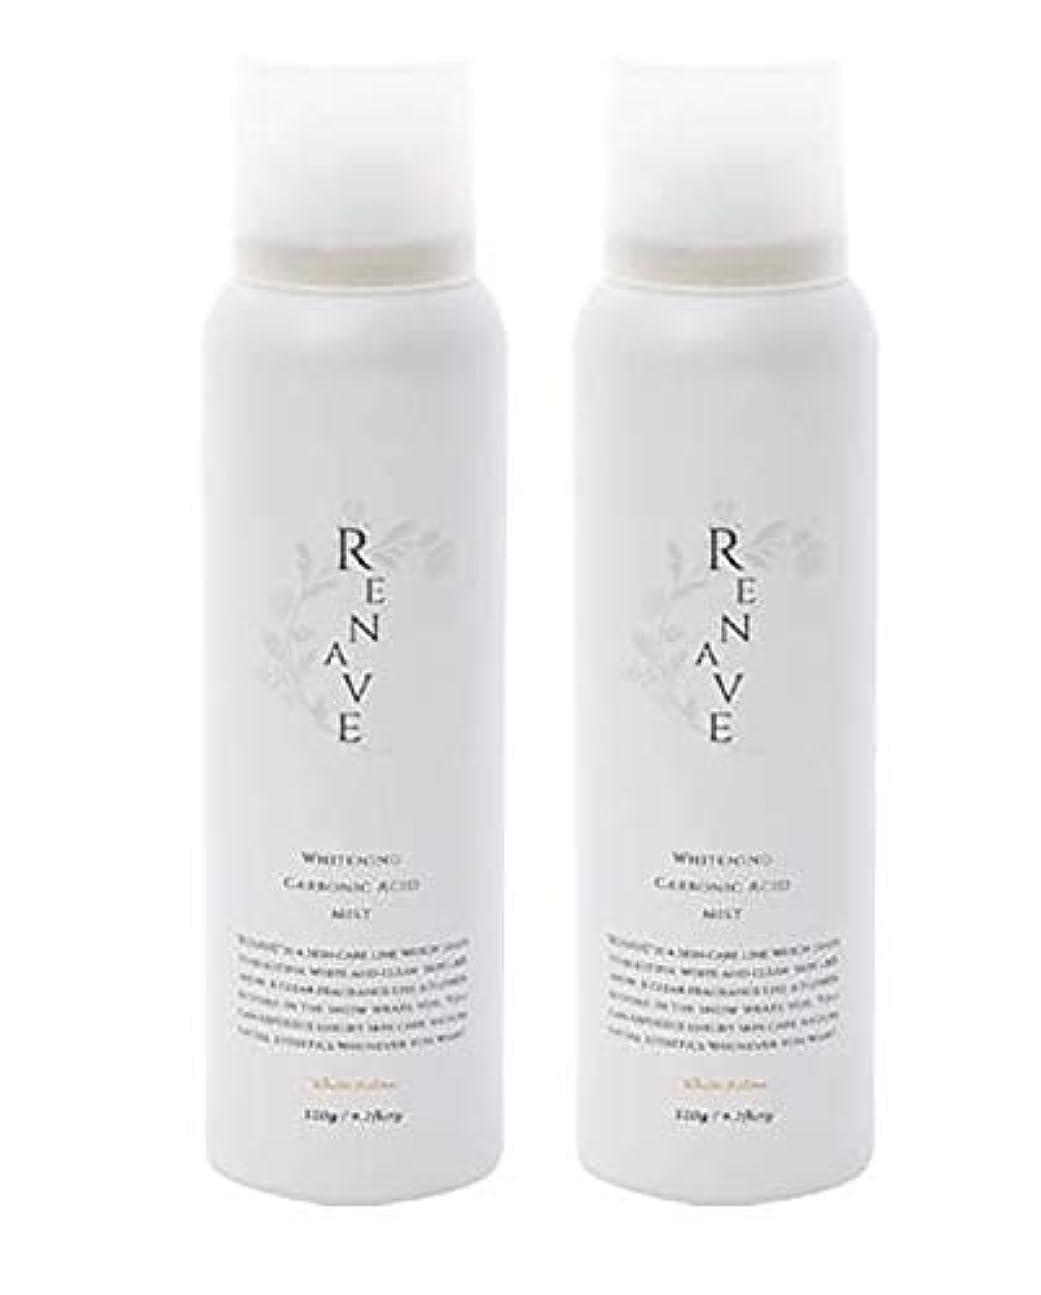 元に戻す安らぎ地味なRENAVE(リネーヴェ) 高濃度炭酸ミスト 薬用美白化粧水 120ml 2本セット